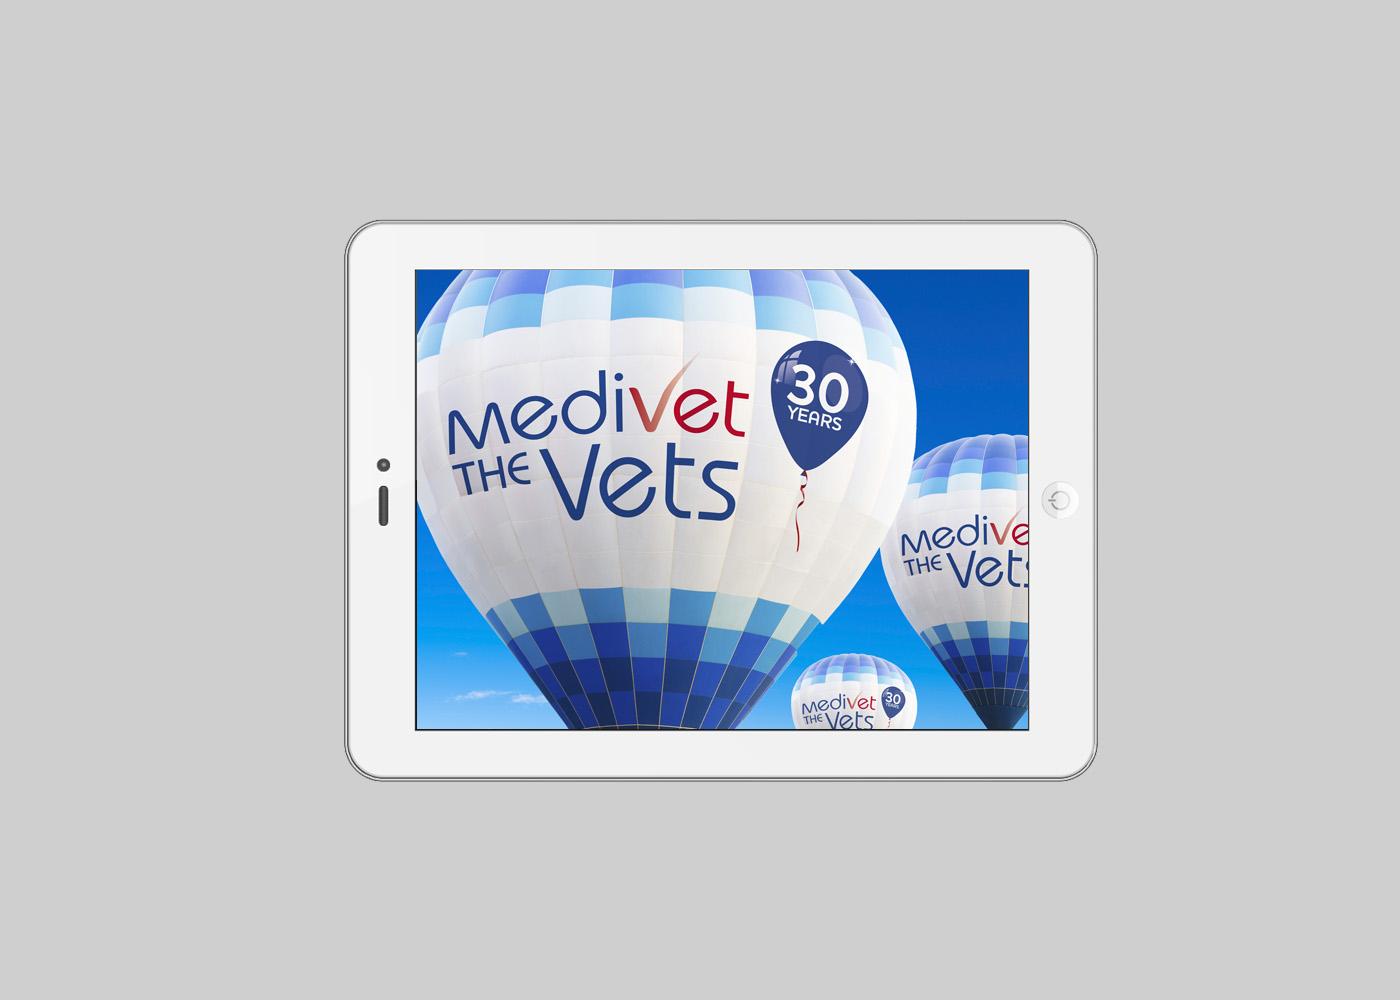 Medivet the Vets